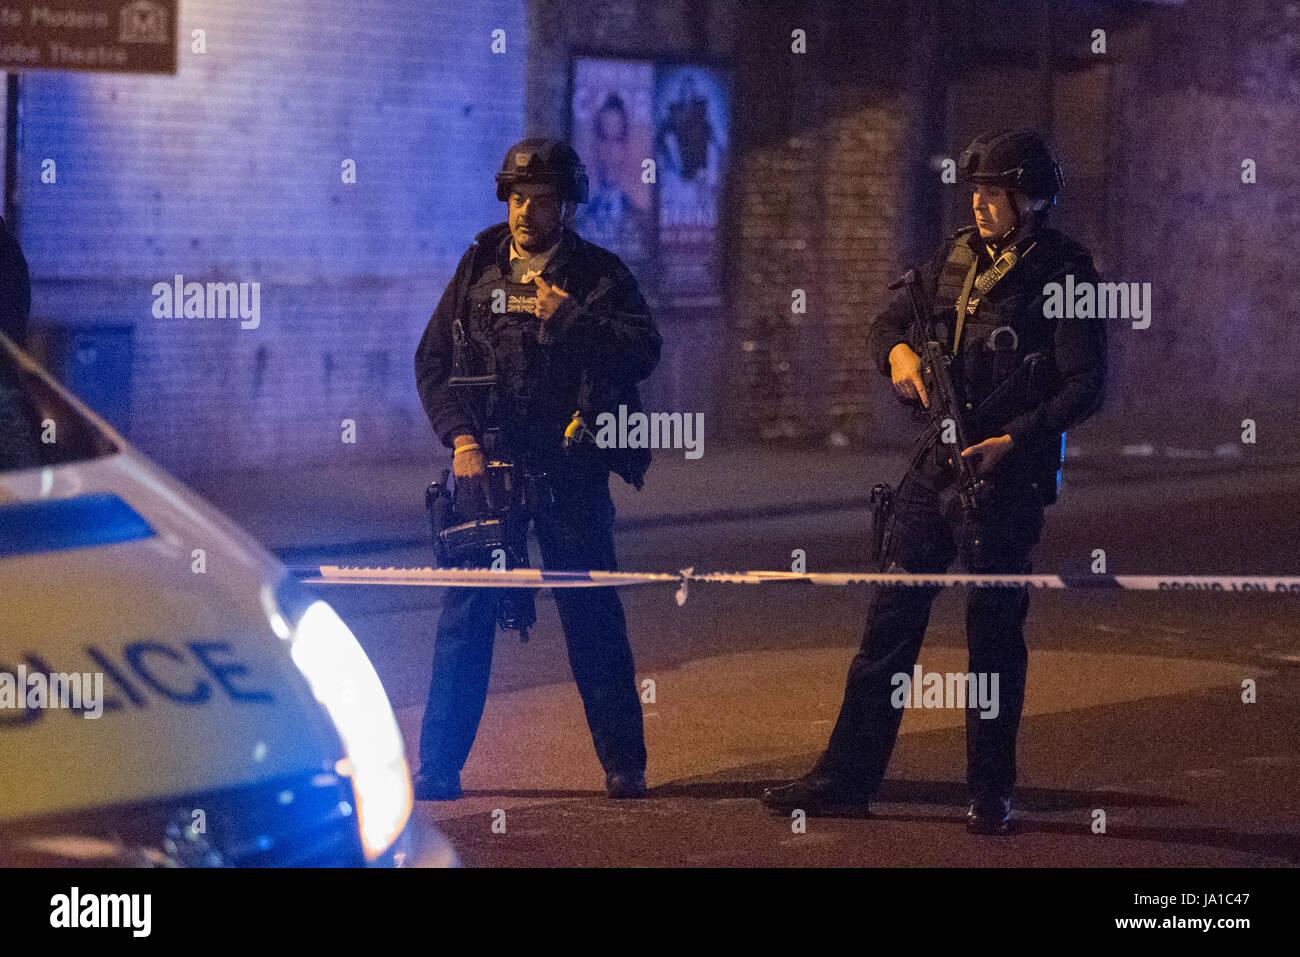 Londres, Royaume-Uni. 4 juin 2017. Des cordons de police à autour de Borough Market et du London Bridge après une attaque terroriste. Crédit: Peter Manning / Alamy Live News Banque D'Images